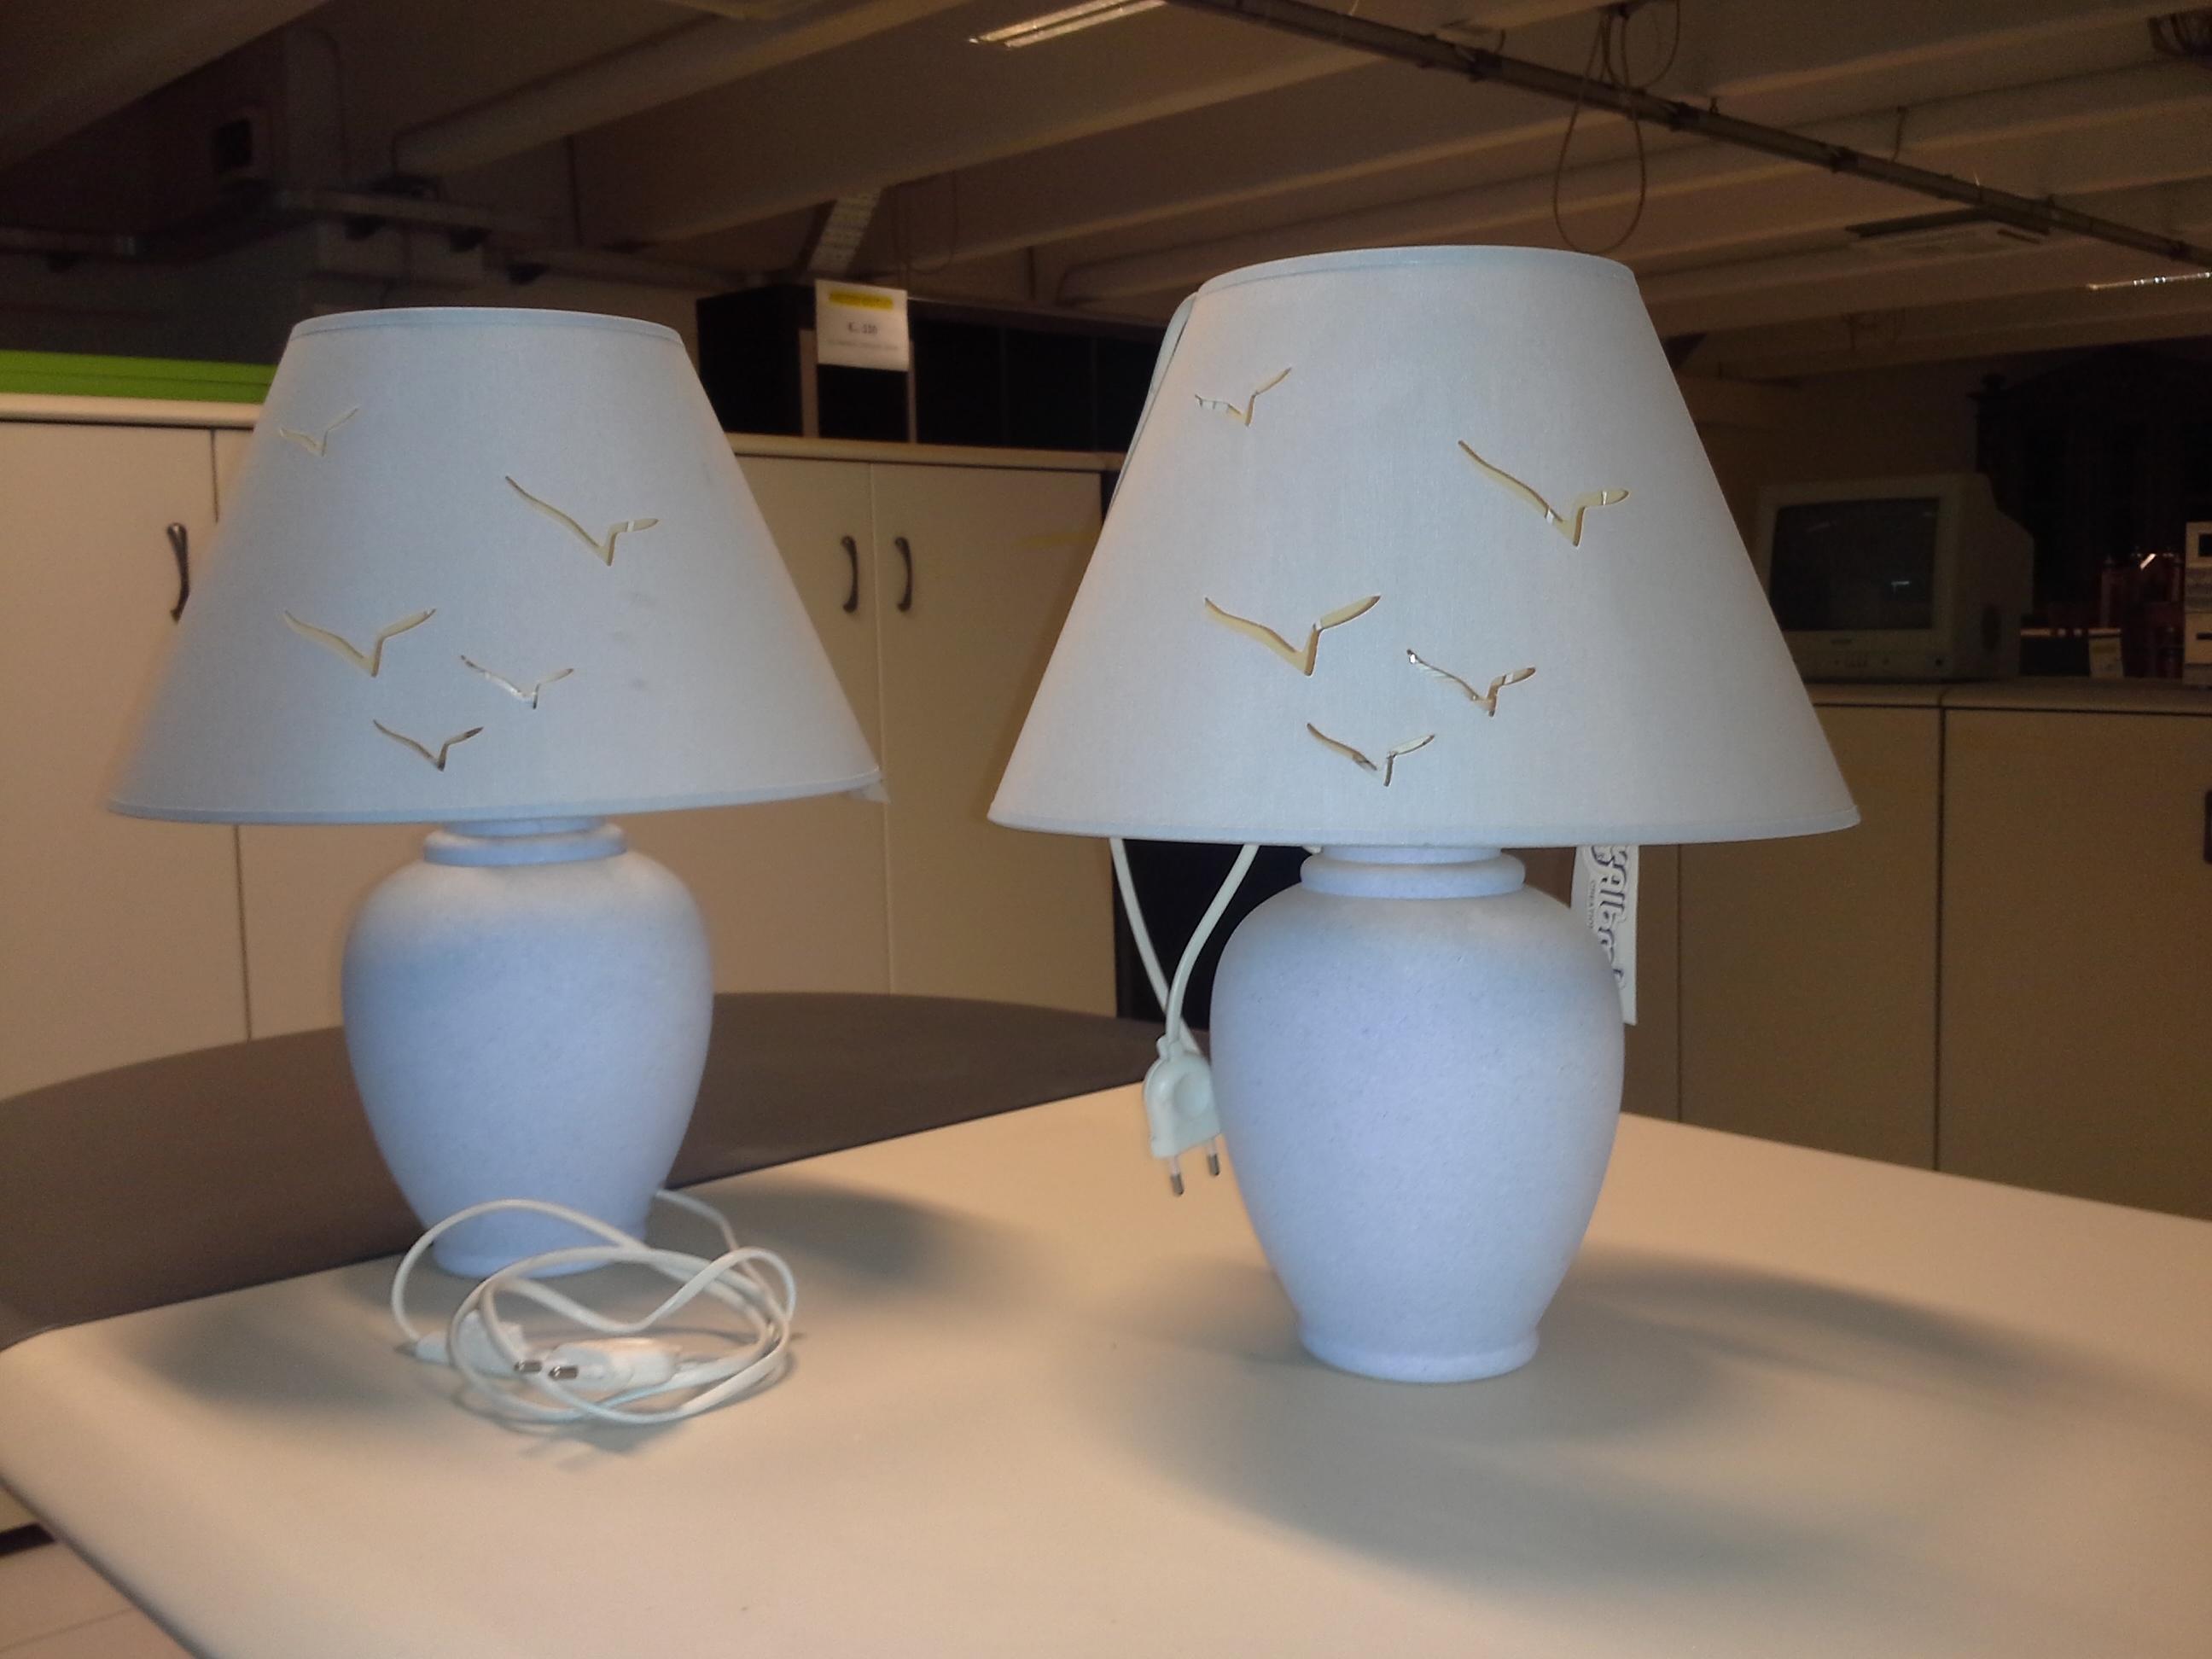 Offerta lampada da tavolo illuminazione a prezzi scontati - Lampade da comodino ikea ...